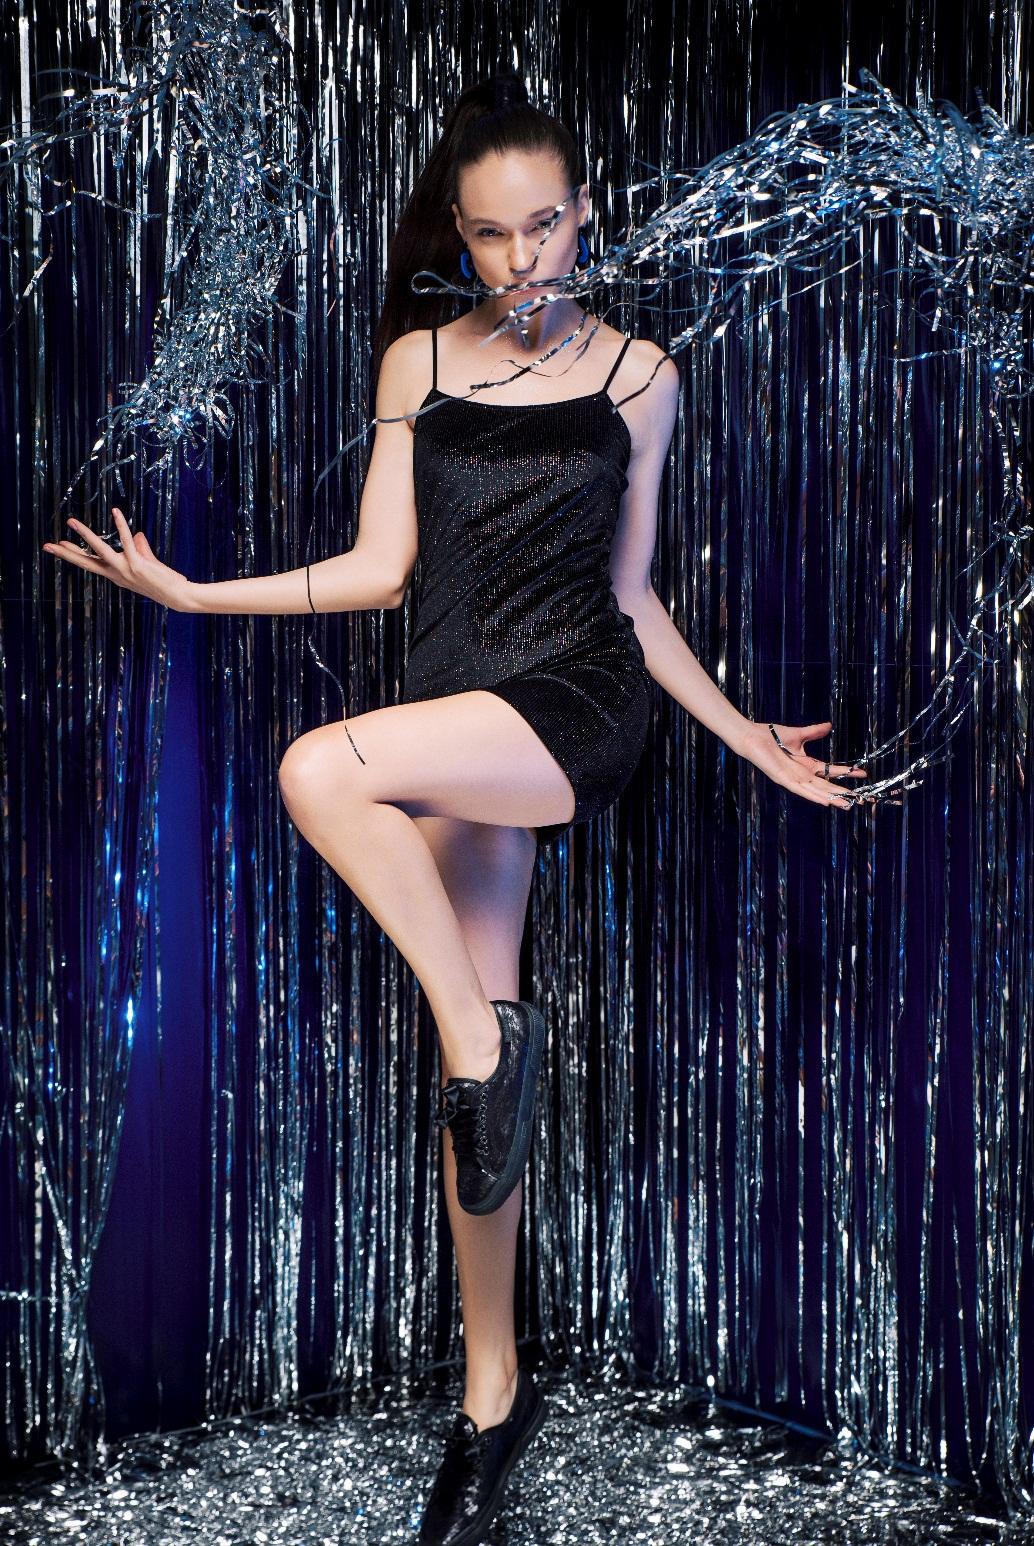 BST Thu Đông giày Superga 2750: Khi thời trang là những bước chân tự do - Ảnh 6.